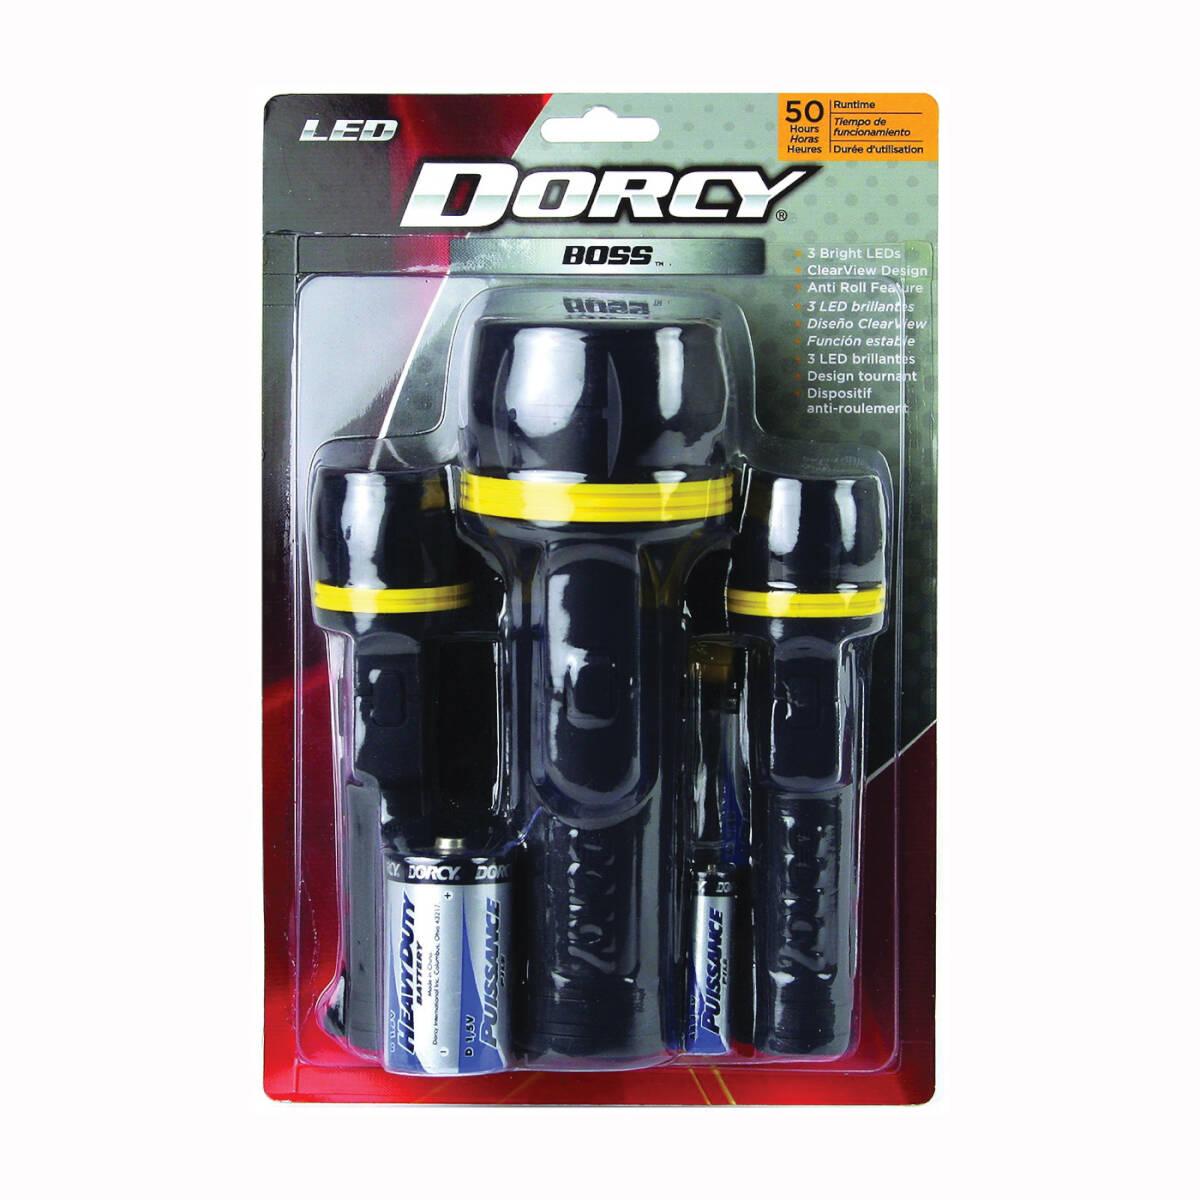 Dorcy 41-5983